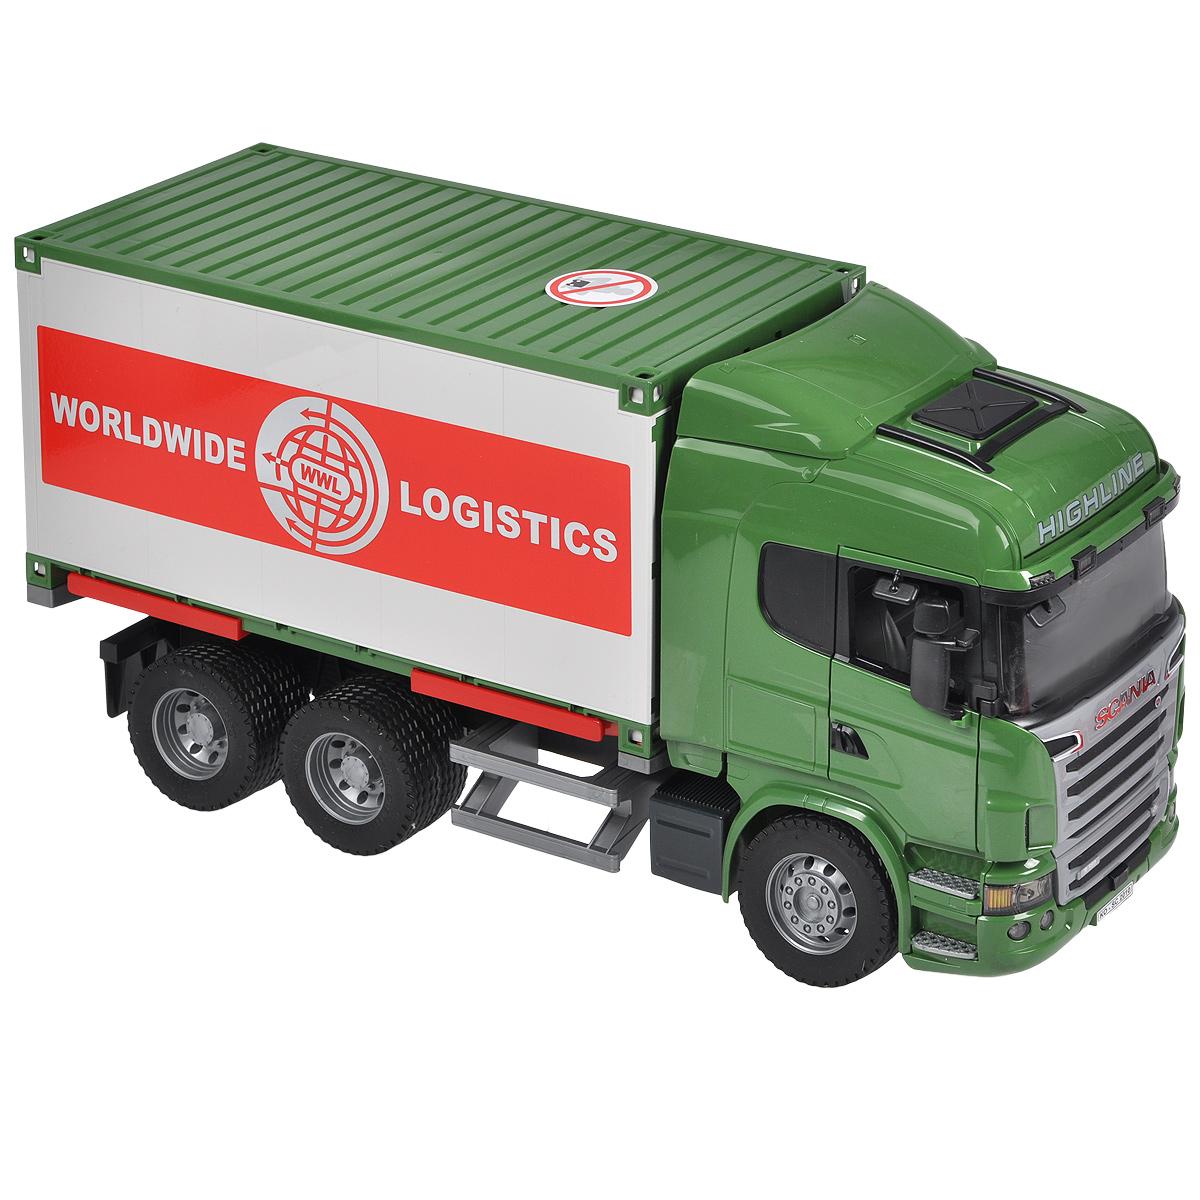 Bruder Фургон Scania03-580Фургон Bruder Scania, выполненный из прочного безопасного материала зеленого, белого и красного цветов, отлично подойдет ребенку для различных игр. Машина является уменьшенной копией фургона фирмы Scania. Фургон предназначен для перевозки грузов и оснащен трехколесным механическим погрузчиком, который легко крепится к задней части машины. С помощью него в фургон можно легко загрузить различный груз. Задние двери фургона открываются на две створки. Контейнер устанавливается на четыре опоры; при необходимости его можно отсоединить и использовать отдельно. Двери водительской кабины открываются; зеркала складываются. В кабину помещается небольшая игрушка. Прорезиненные колеса обеспечивают фургону устойчивость и хорошую проходимость. В комплект входят машина, механический погрузчик и два паллета. К машине подходит модуль со световыми и звуковыми эффектами (не входит в комплект). Порадуйте своего ребенка таким замечательным подарком!